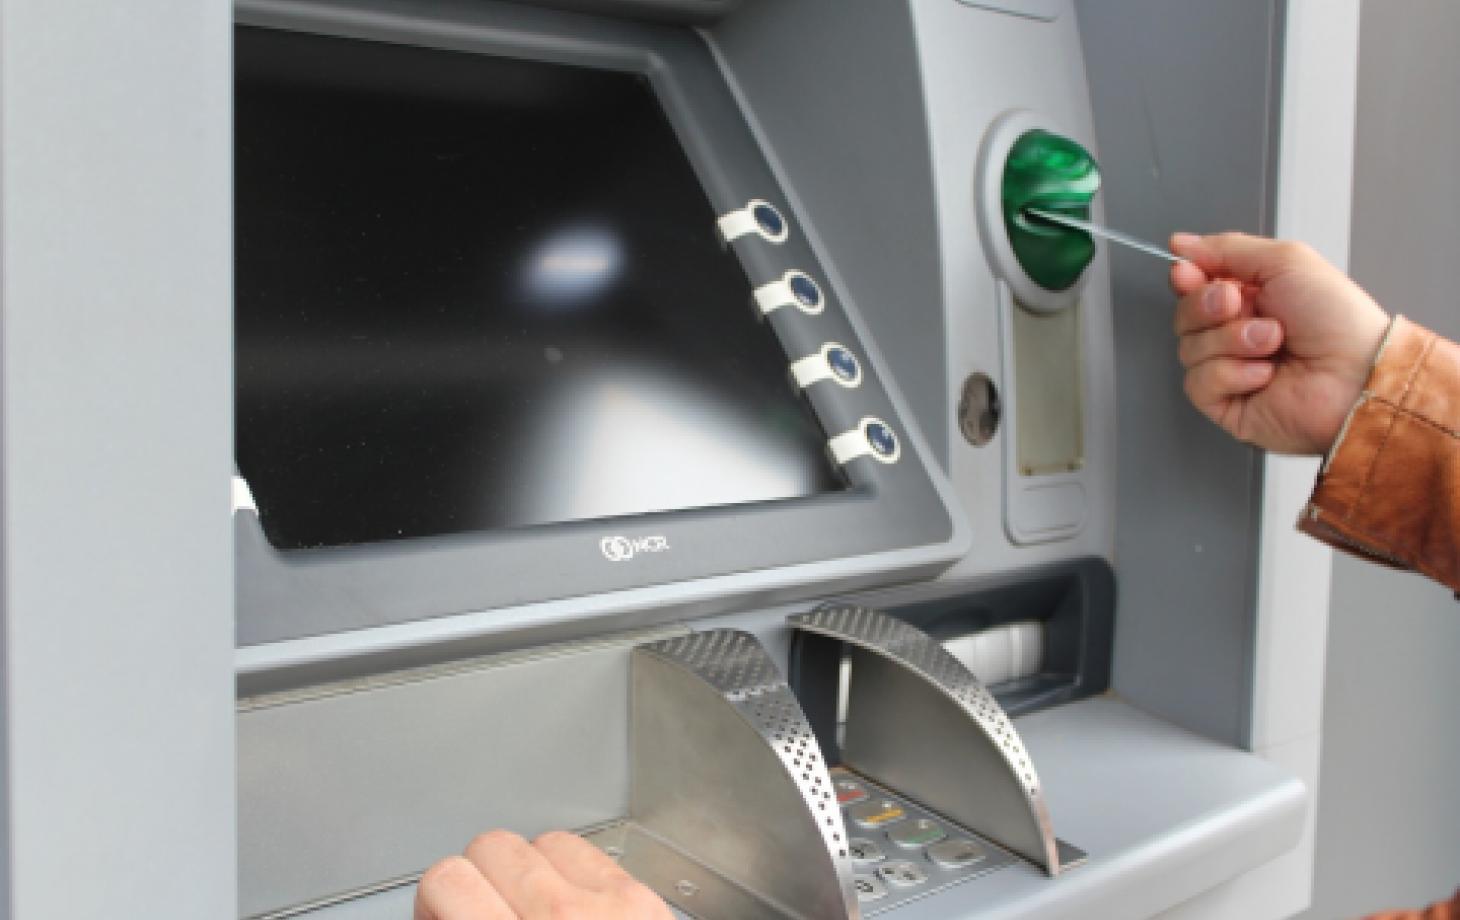 Молдаване получают зарплату на карту, но оплачивают всё наличными